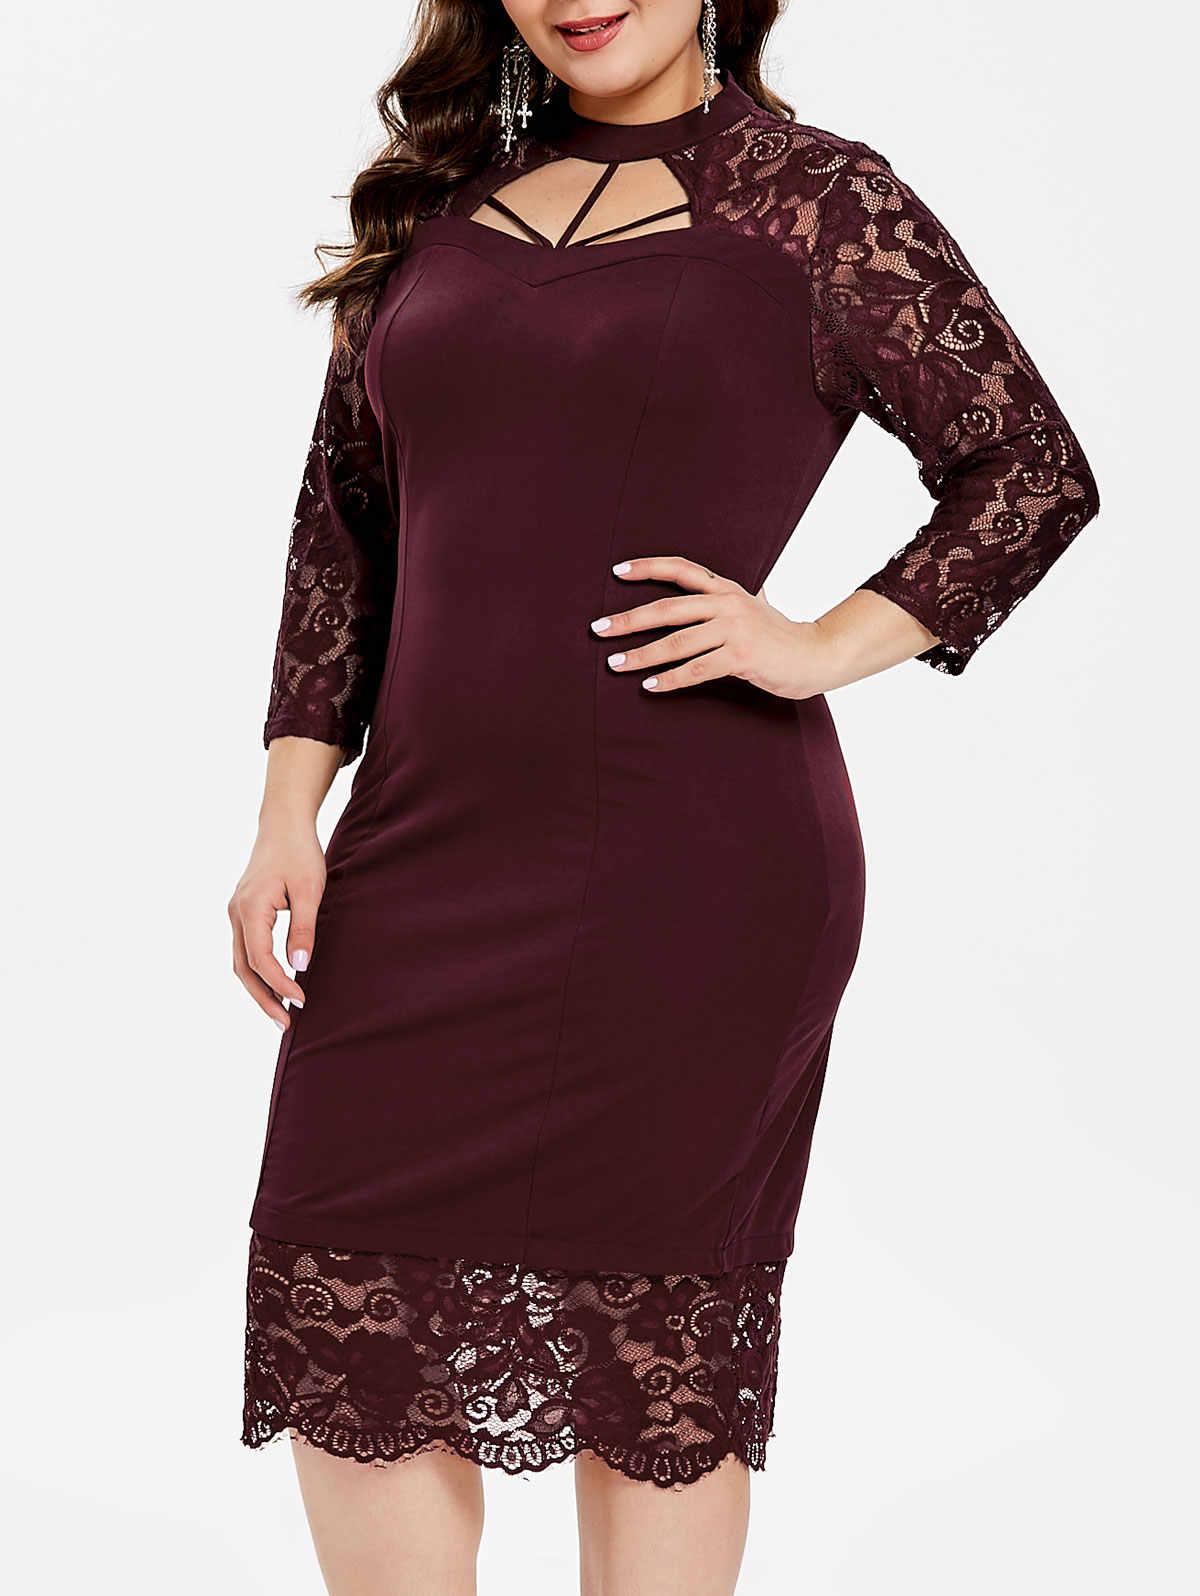 Wipalo, женское платье, плюс размер, 6XL, с вырезами, кружевная панель, облегающее платье, Ретро стиль, однотонное, облегающее, до середины икры, вечерние, весна-лето, Клубное, Vestido